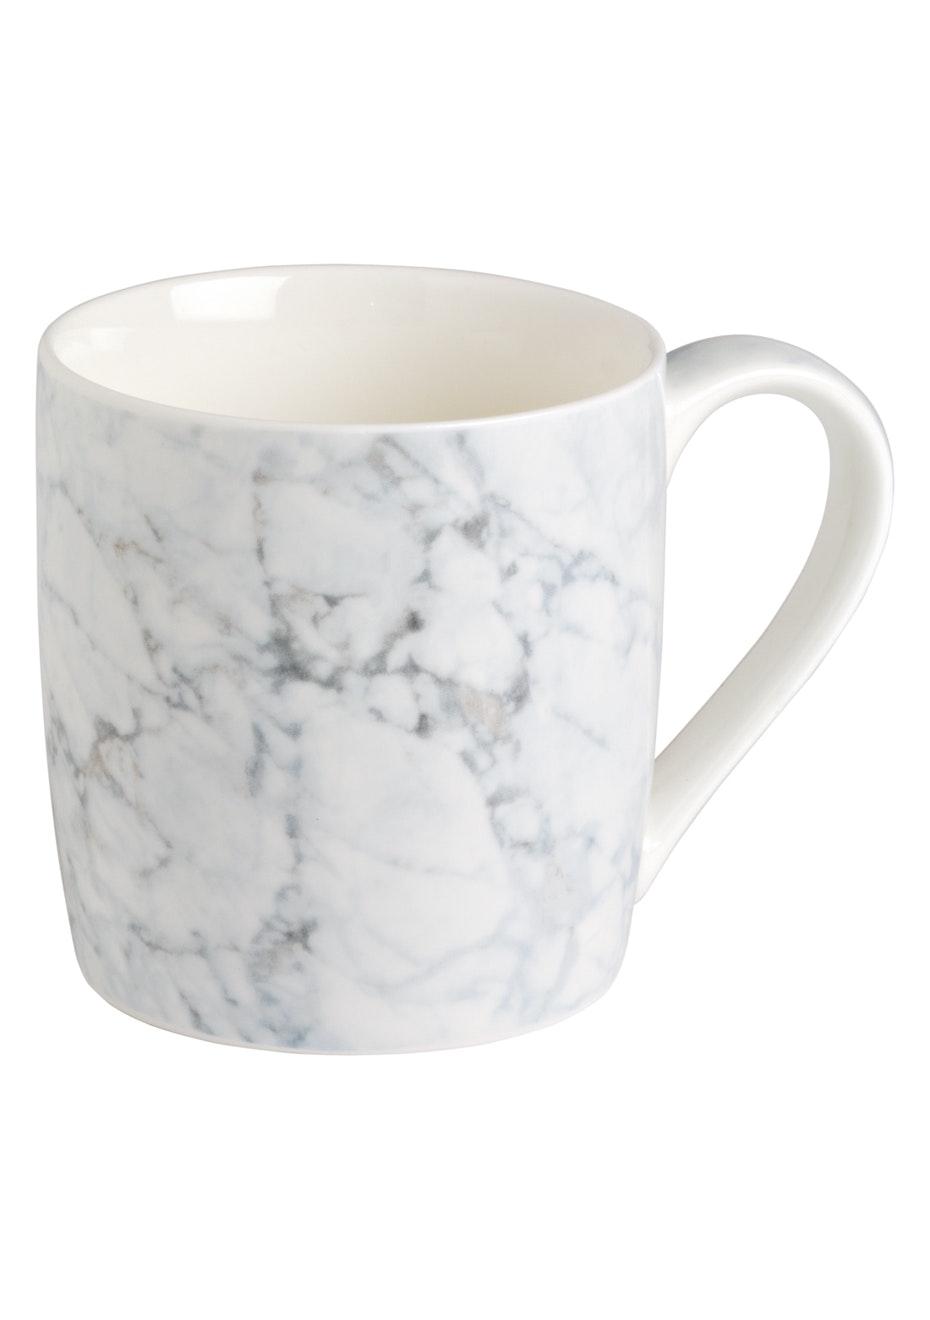 Marble Mug - White Marble